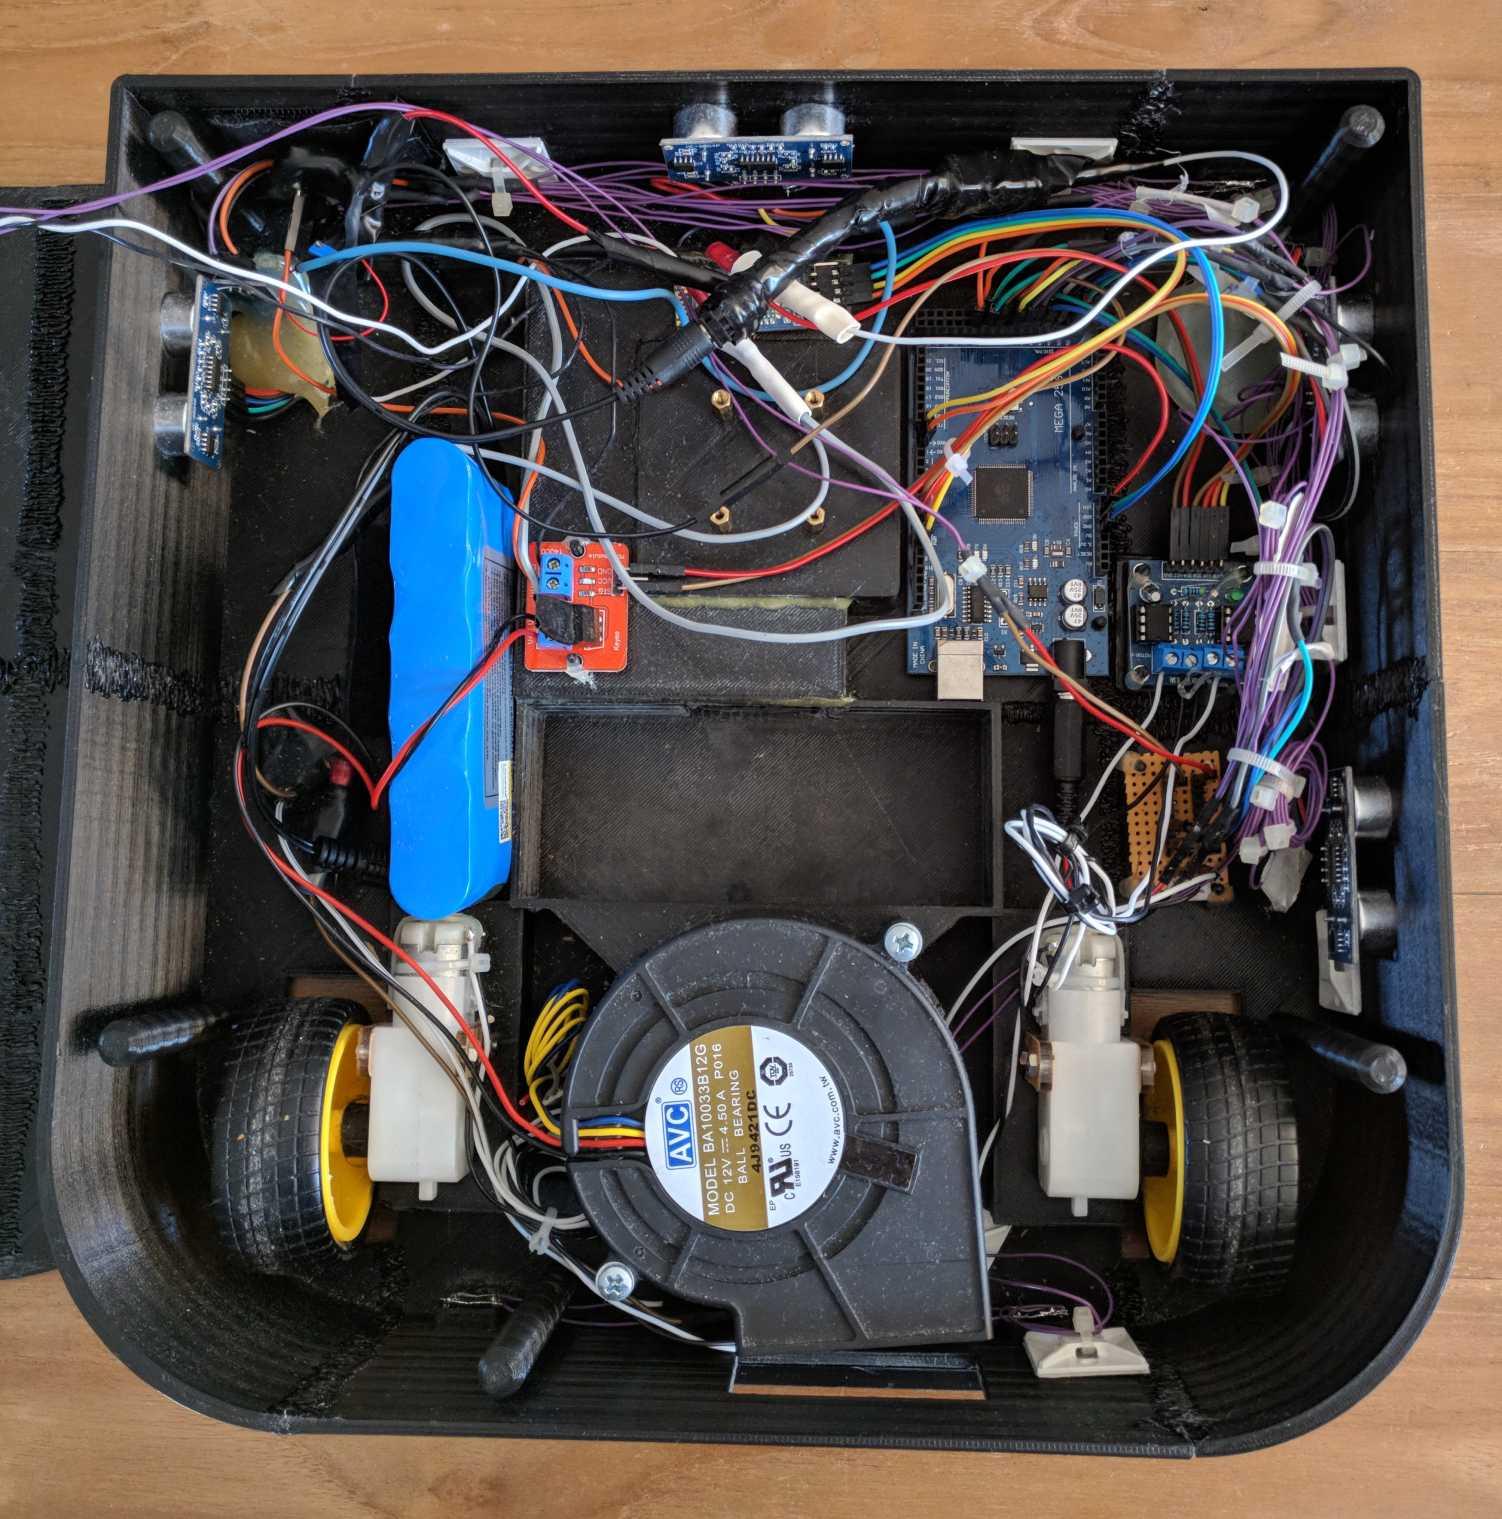 In einem schwarzen Kasten sind viele Kabel und Elektronikteile verbaut.